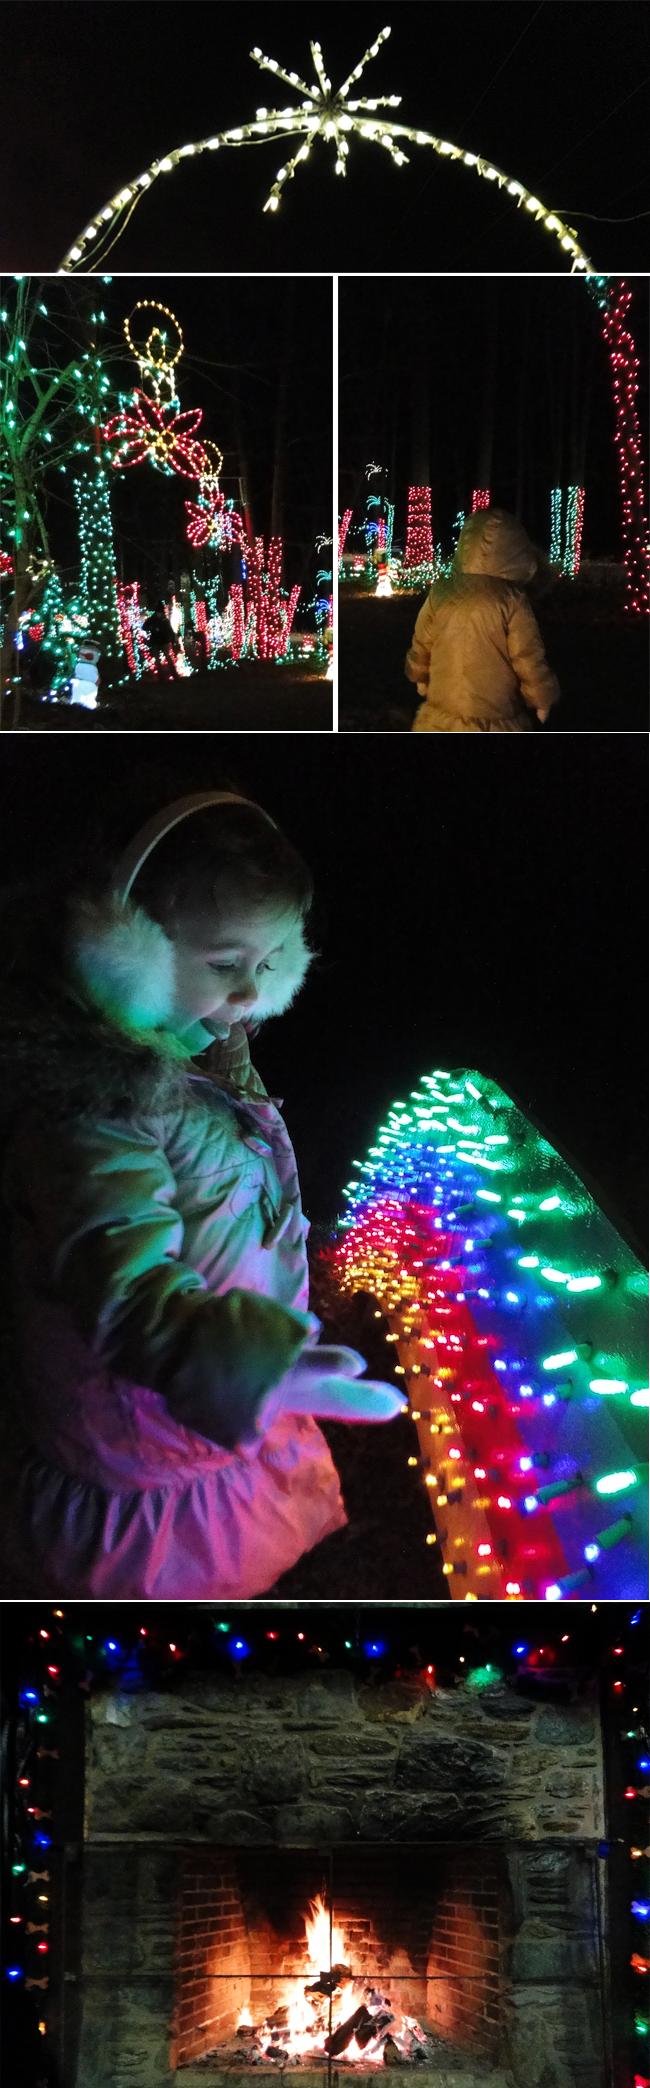 A-Lovely-Lark-Christmas-Lights-2012